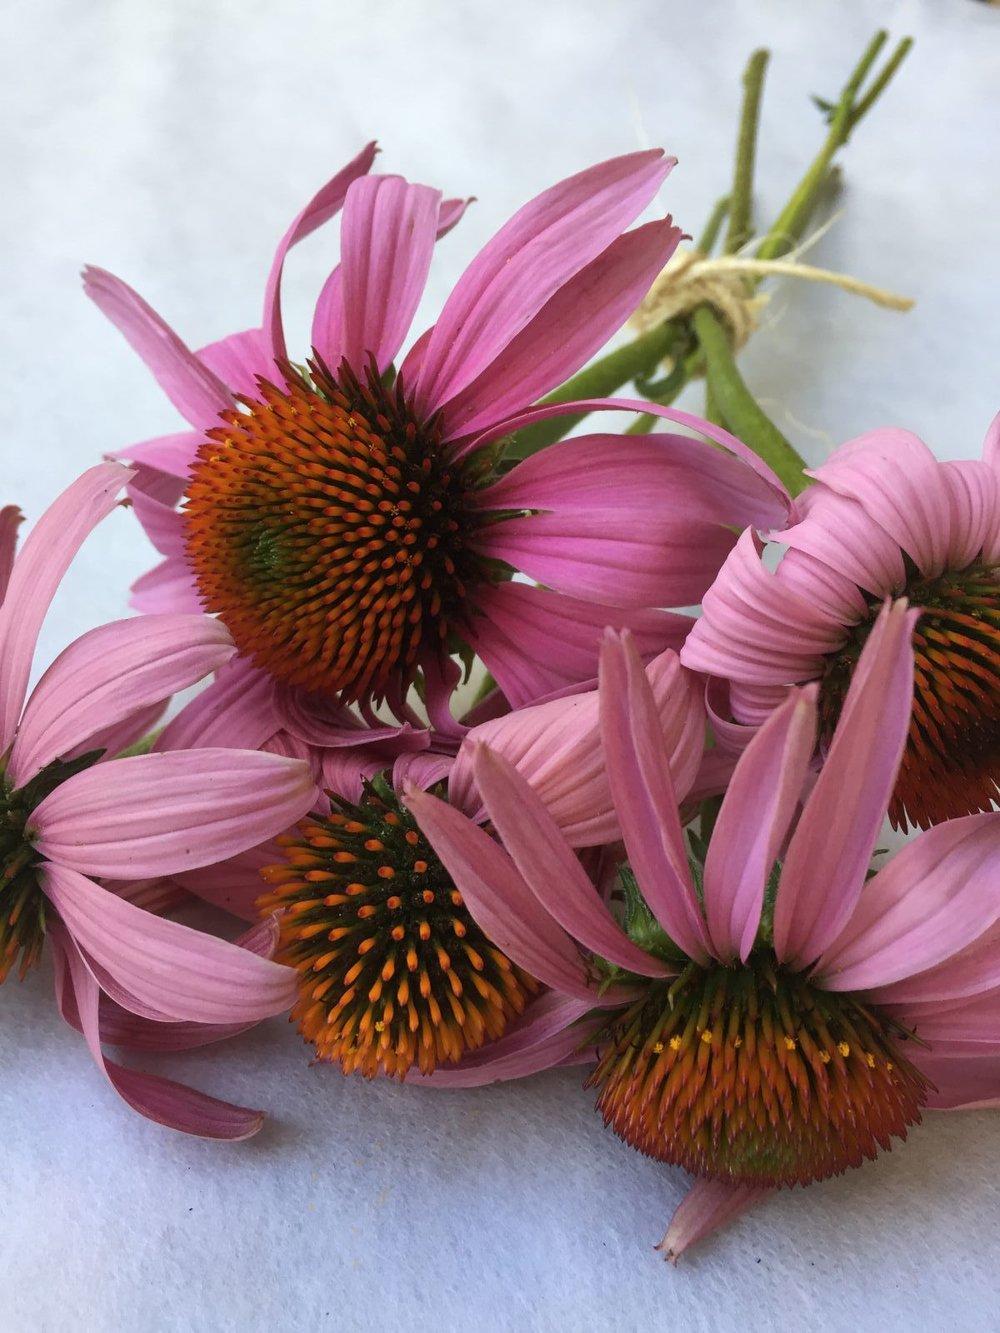 Echinacea purpúrea